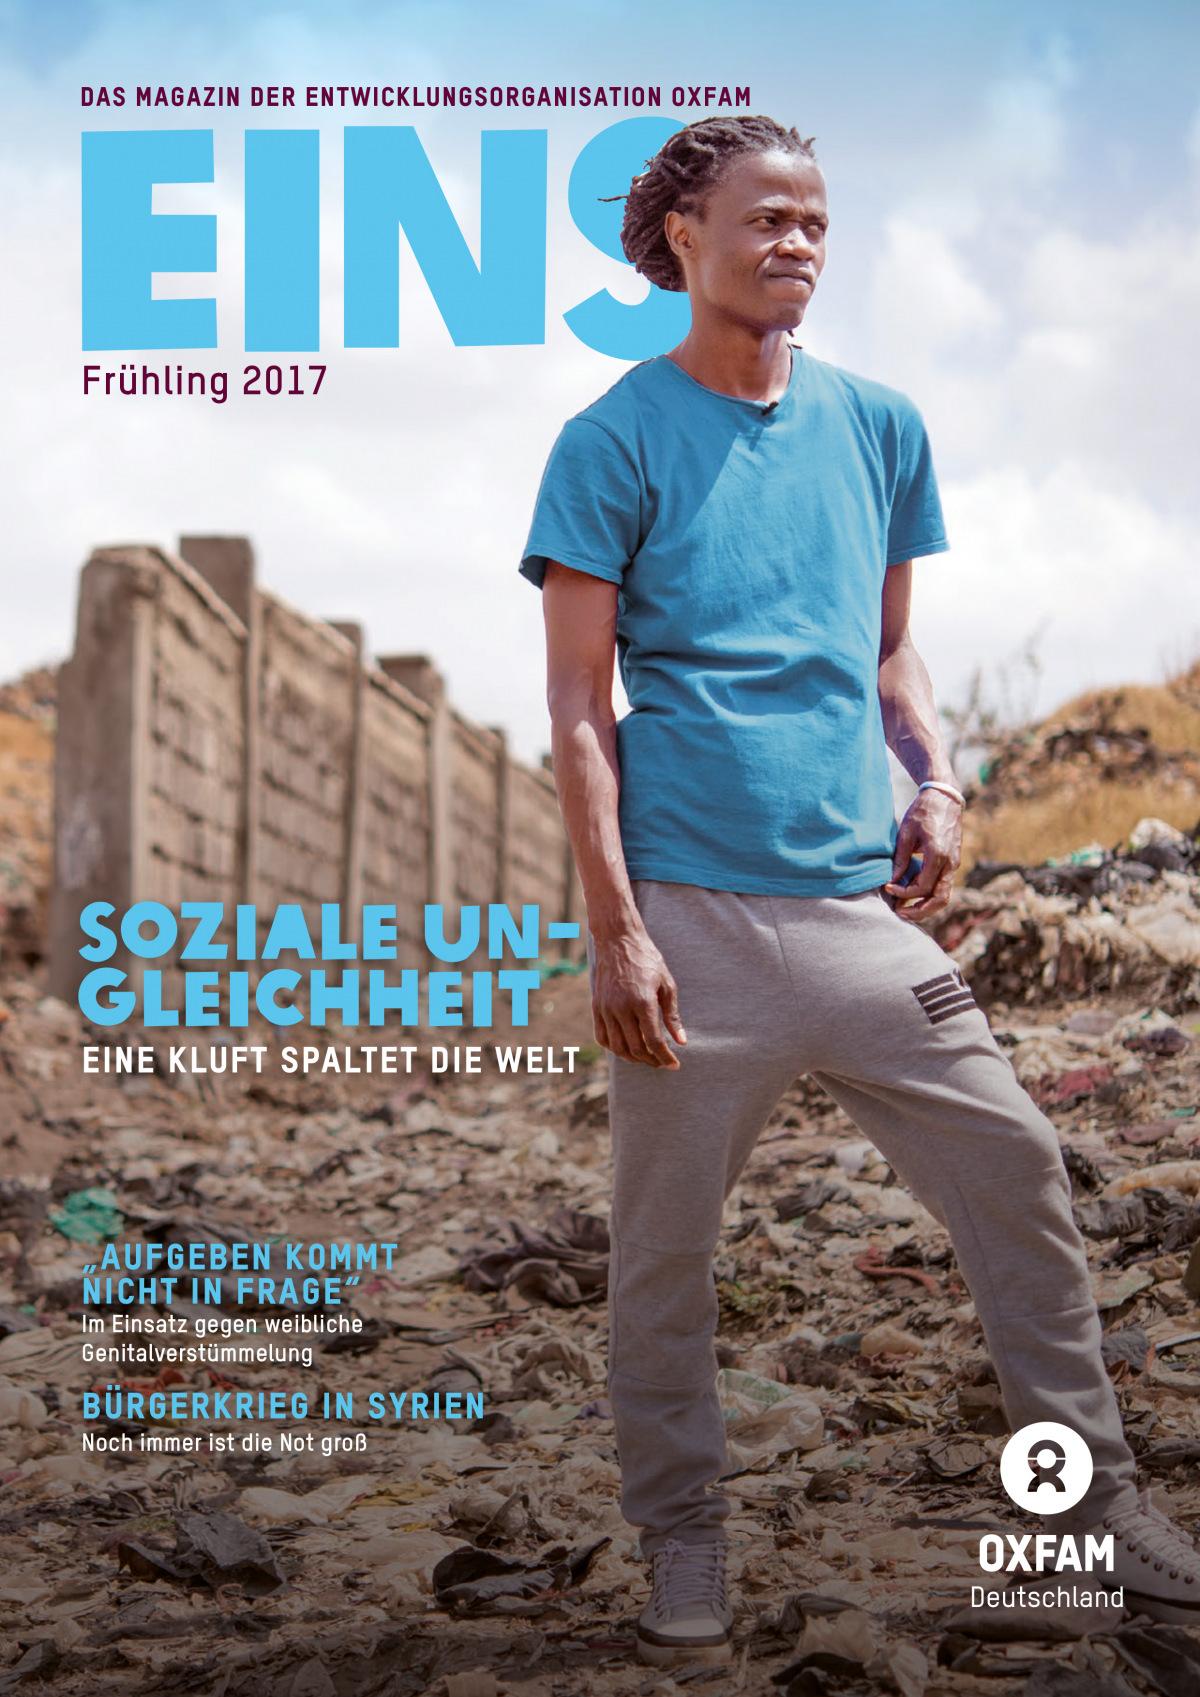 Titelbild vom Oxfam-Magazin EINS (Frühjahr 2017)